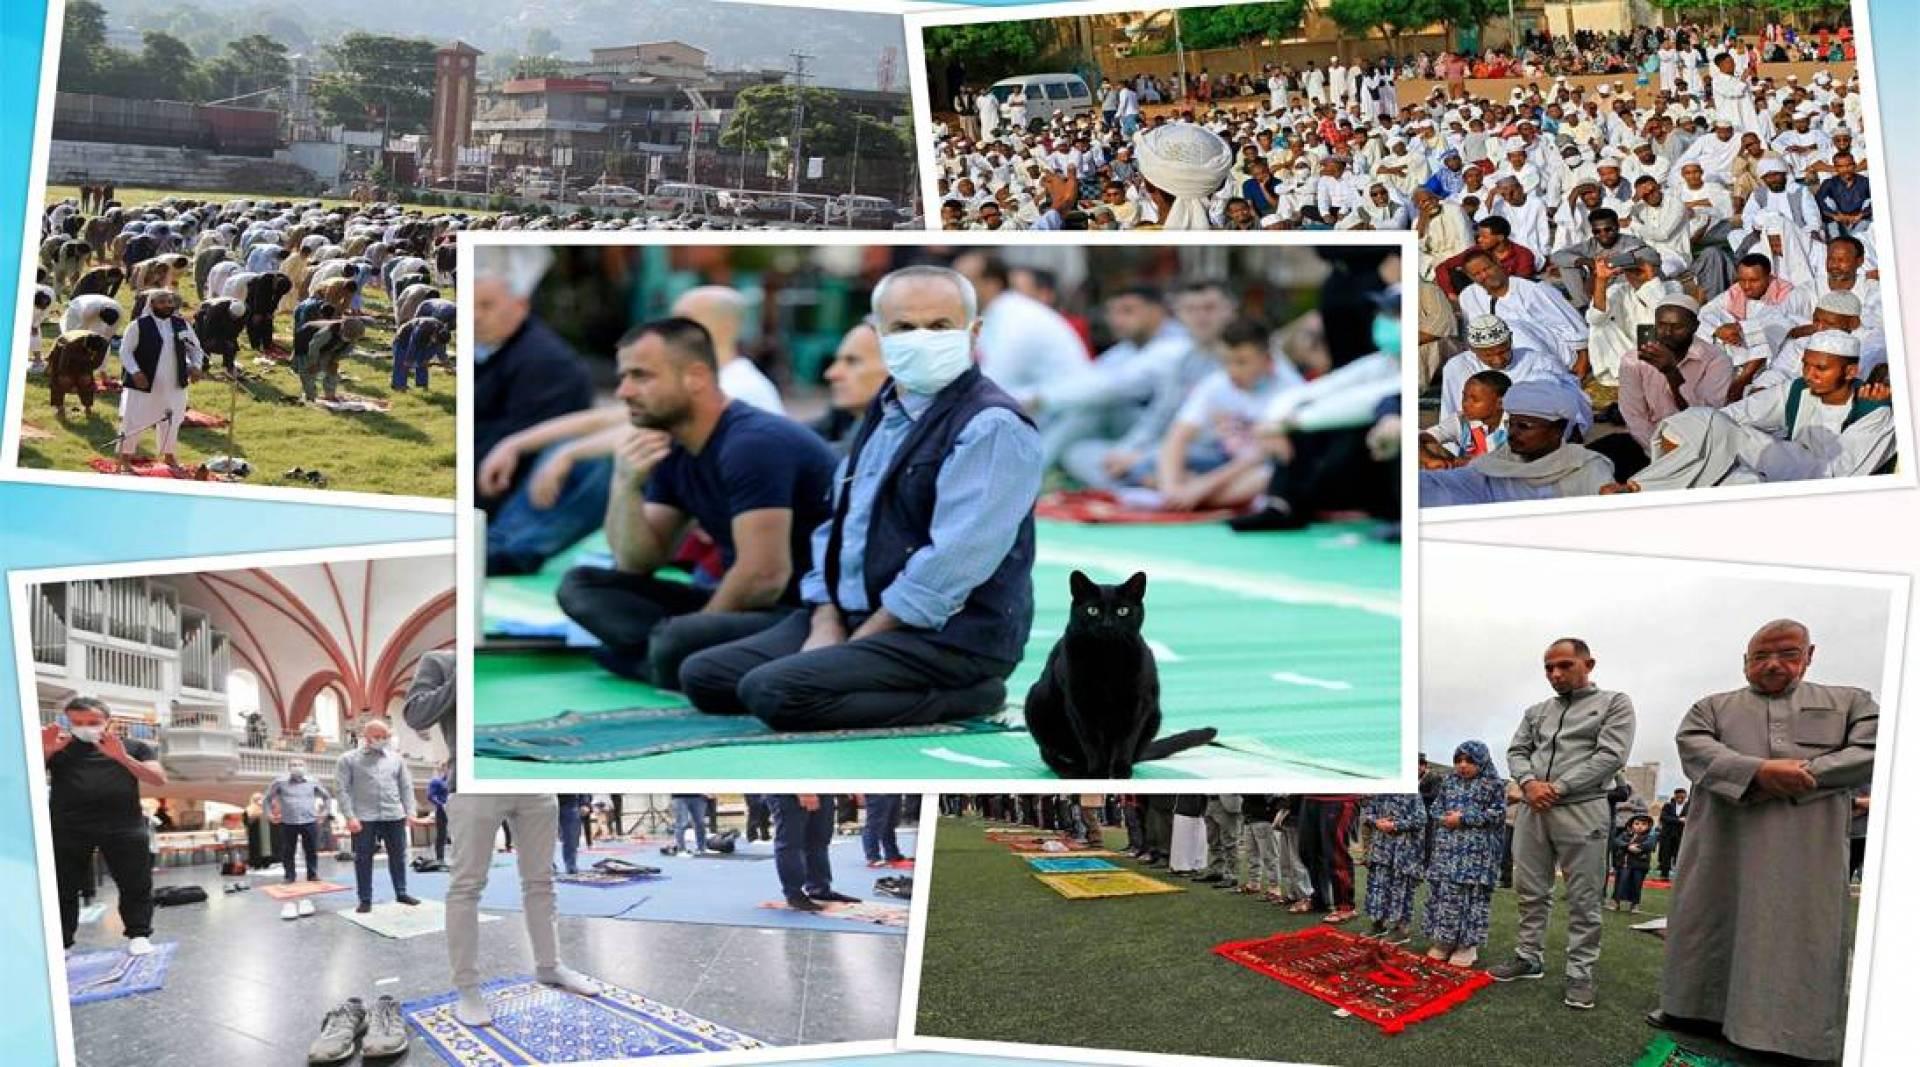 بالصور - رغم «كورونا».. المسلمون يحتفلون بعيد الفطر في عدة دول